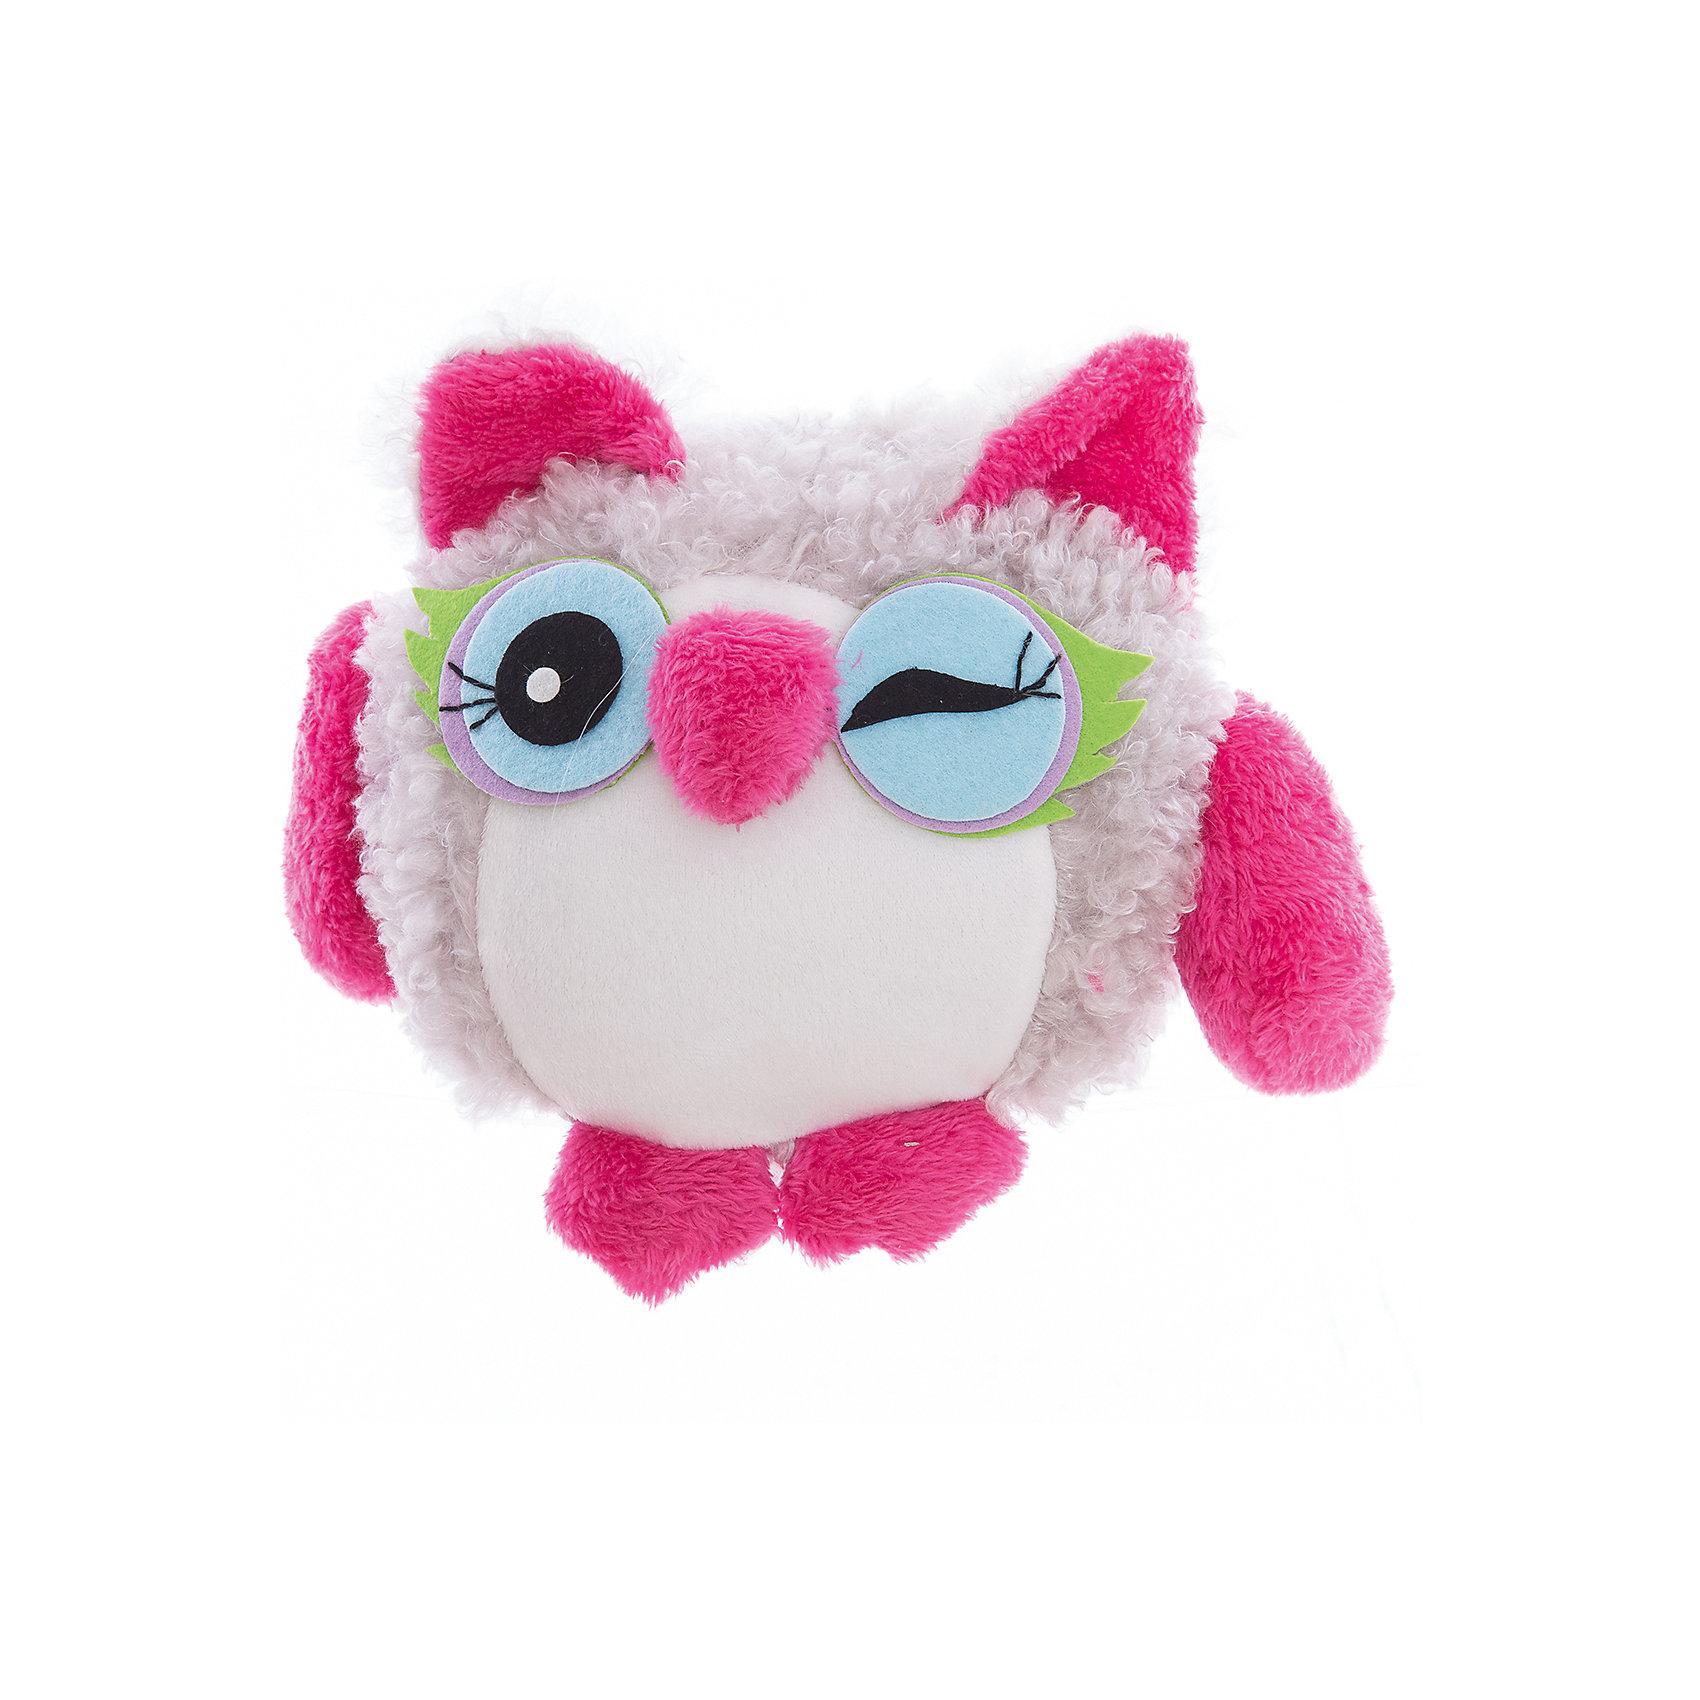 Интерьерная кукла Совушка C21-106011, EstroПредметы интерьера<br>Характеристики интерьерной куклы:<br><br>- размеры: 25*12*8 см. <br>- тип игрушки: животные, мягкая игрушка<br>- персонаж: сова<br>- вид упаковки: коробка<br>- возрастные ограничения: 3+<br>- комплектация: игрушка <br>- состав: полиэстер, полиэфир<br>- материал изготовления: высококачественный пластик, полиэстер, ткань<br>- стиль: классический, прованс<br>- бренд: Estro <br>- страна бренда: Италия<br>- страна производитель: Китай<br><br>Подмигивающий совенок итальянской торговой марки Estro выполнен в виде мягкой игрушки и будет Вас радовать. Игрушку по достоинству оценят все любители мягких игрушек, она изготовлена из качественных материалов приятной расцветки. Ее внешний вид продуман до мелочей. Совенок окрашен в малиновый, серый цвет. <br><br>Интерьерную куклу сова итальянской торговой марки Estro можно купить в нашем интернет-магазине.<br><br>Ширина мм: 200<br>Глубина мм: 200<br>Высота мм: 250<br>Вес г: 166<br>Возраст от месяцев: 36<br>Возраст до месяцев: 1188<br>Пол: Женский<br>Возраст: Детский<br>SKU: 5356632